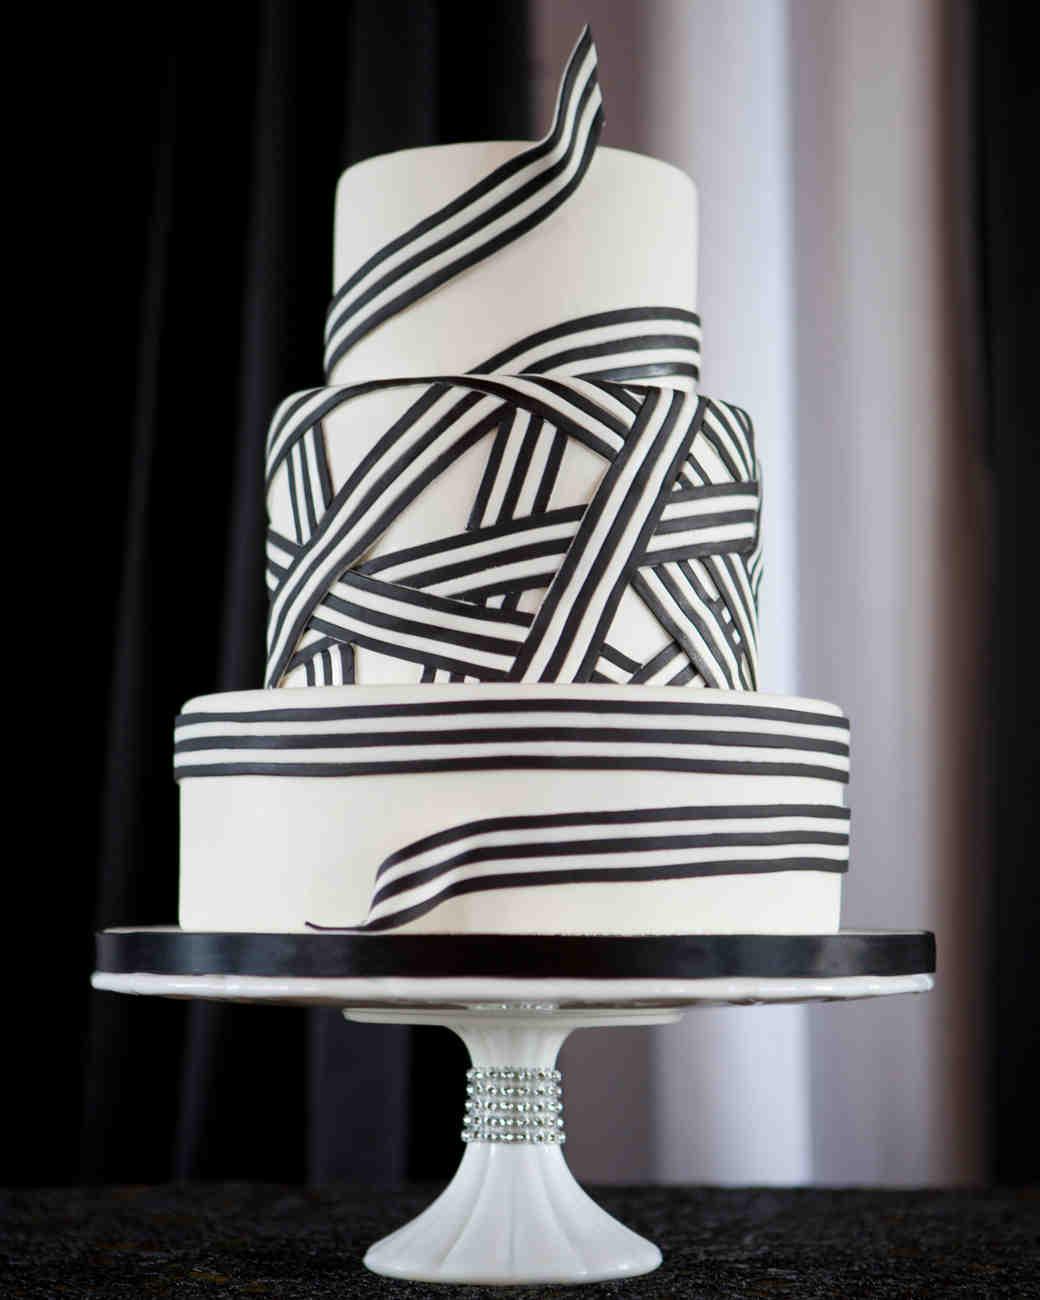 cake-pros-forgoodnesscakes-0414.jpg